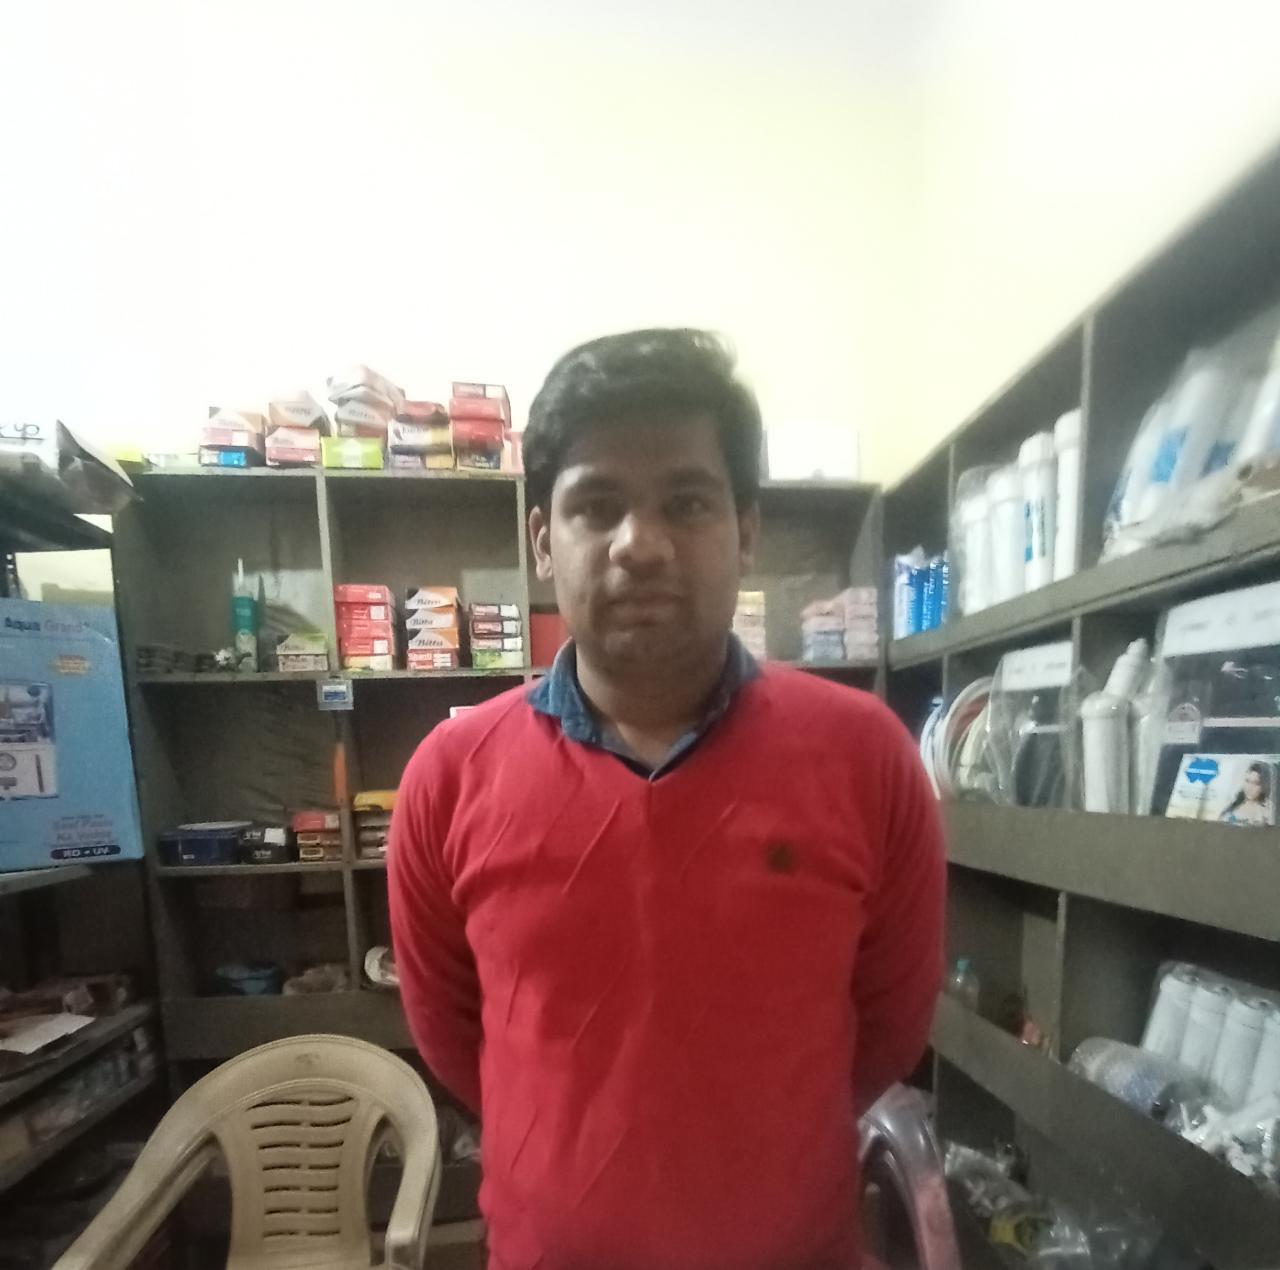 Sales And Maintenance Of Machinery in Virbhadra, Rishikesh, Dehradun, Uttarakhand, India